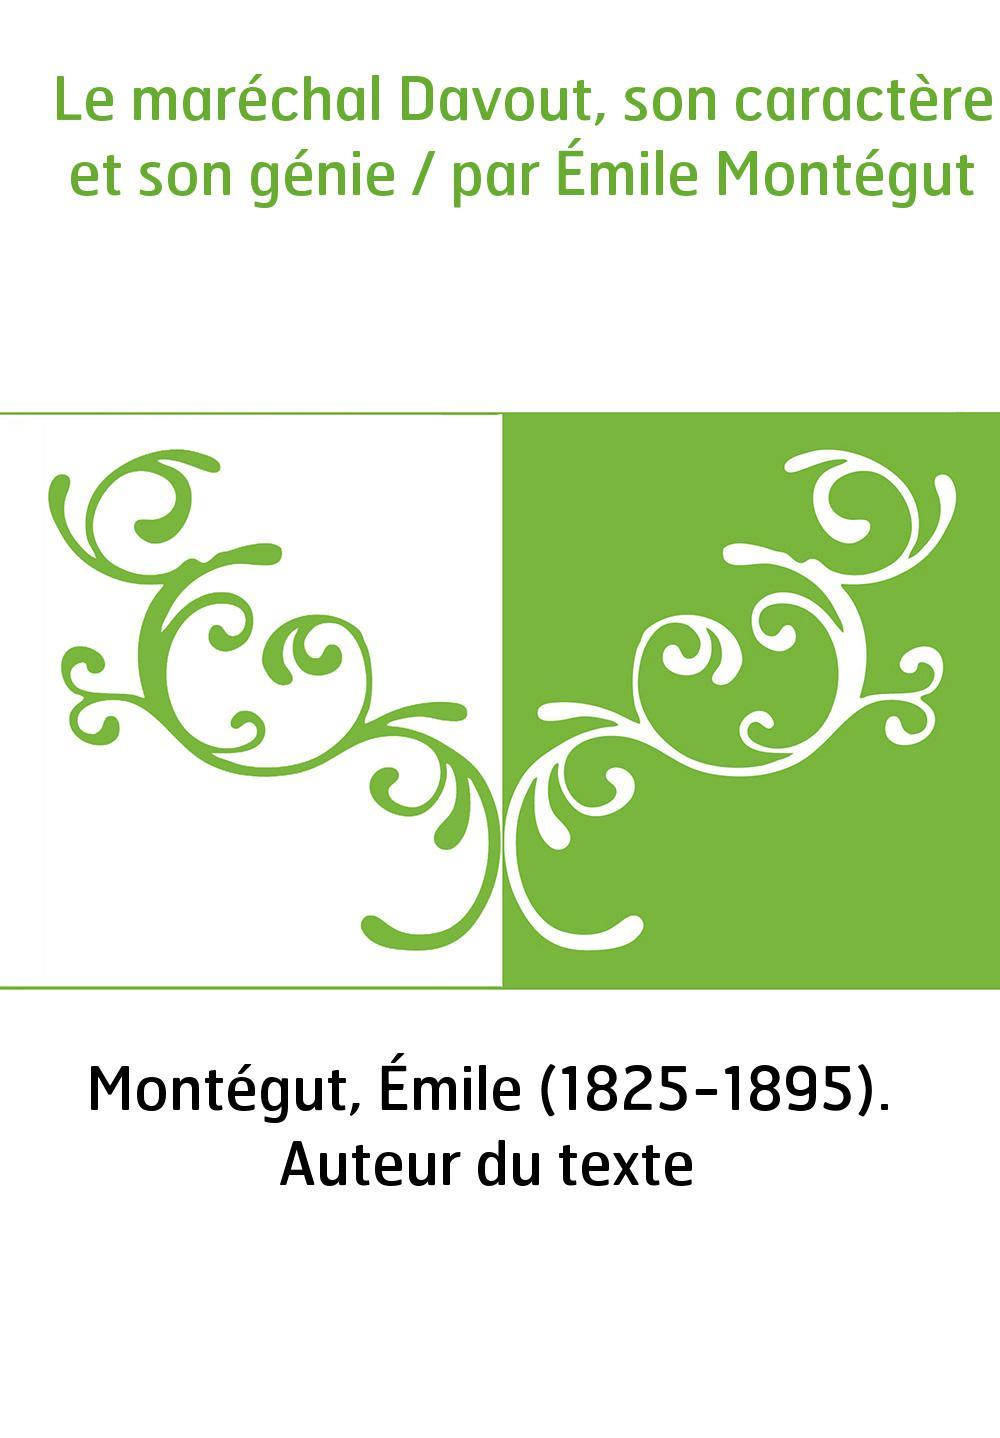 Le maréchal Davout, son caractère et son génie / par Émile Montégut